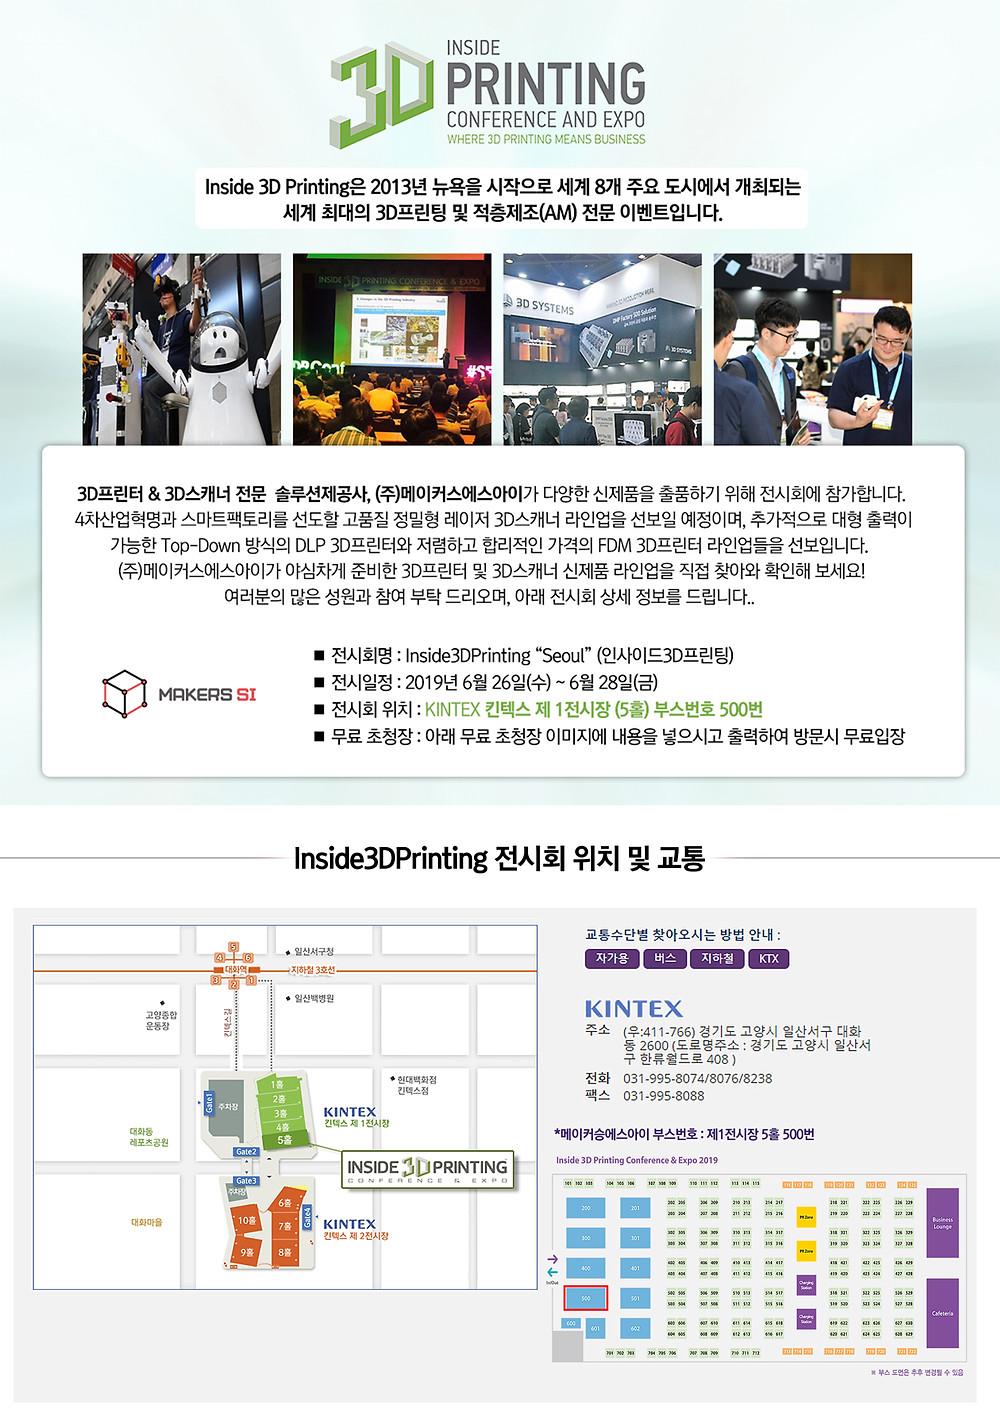 인사이드3D프린팅 서울 전시회 정보